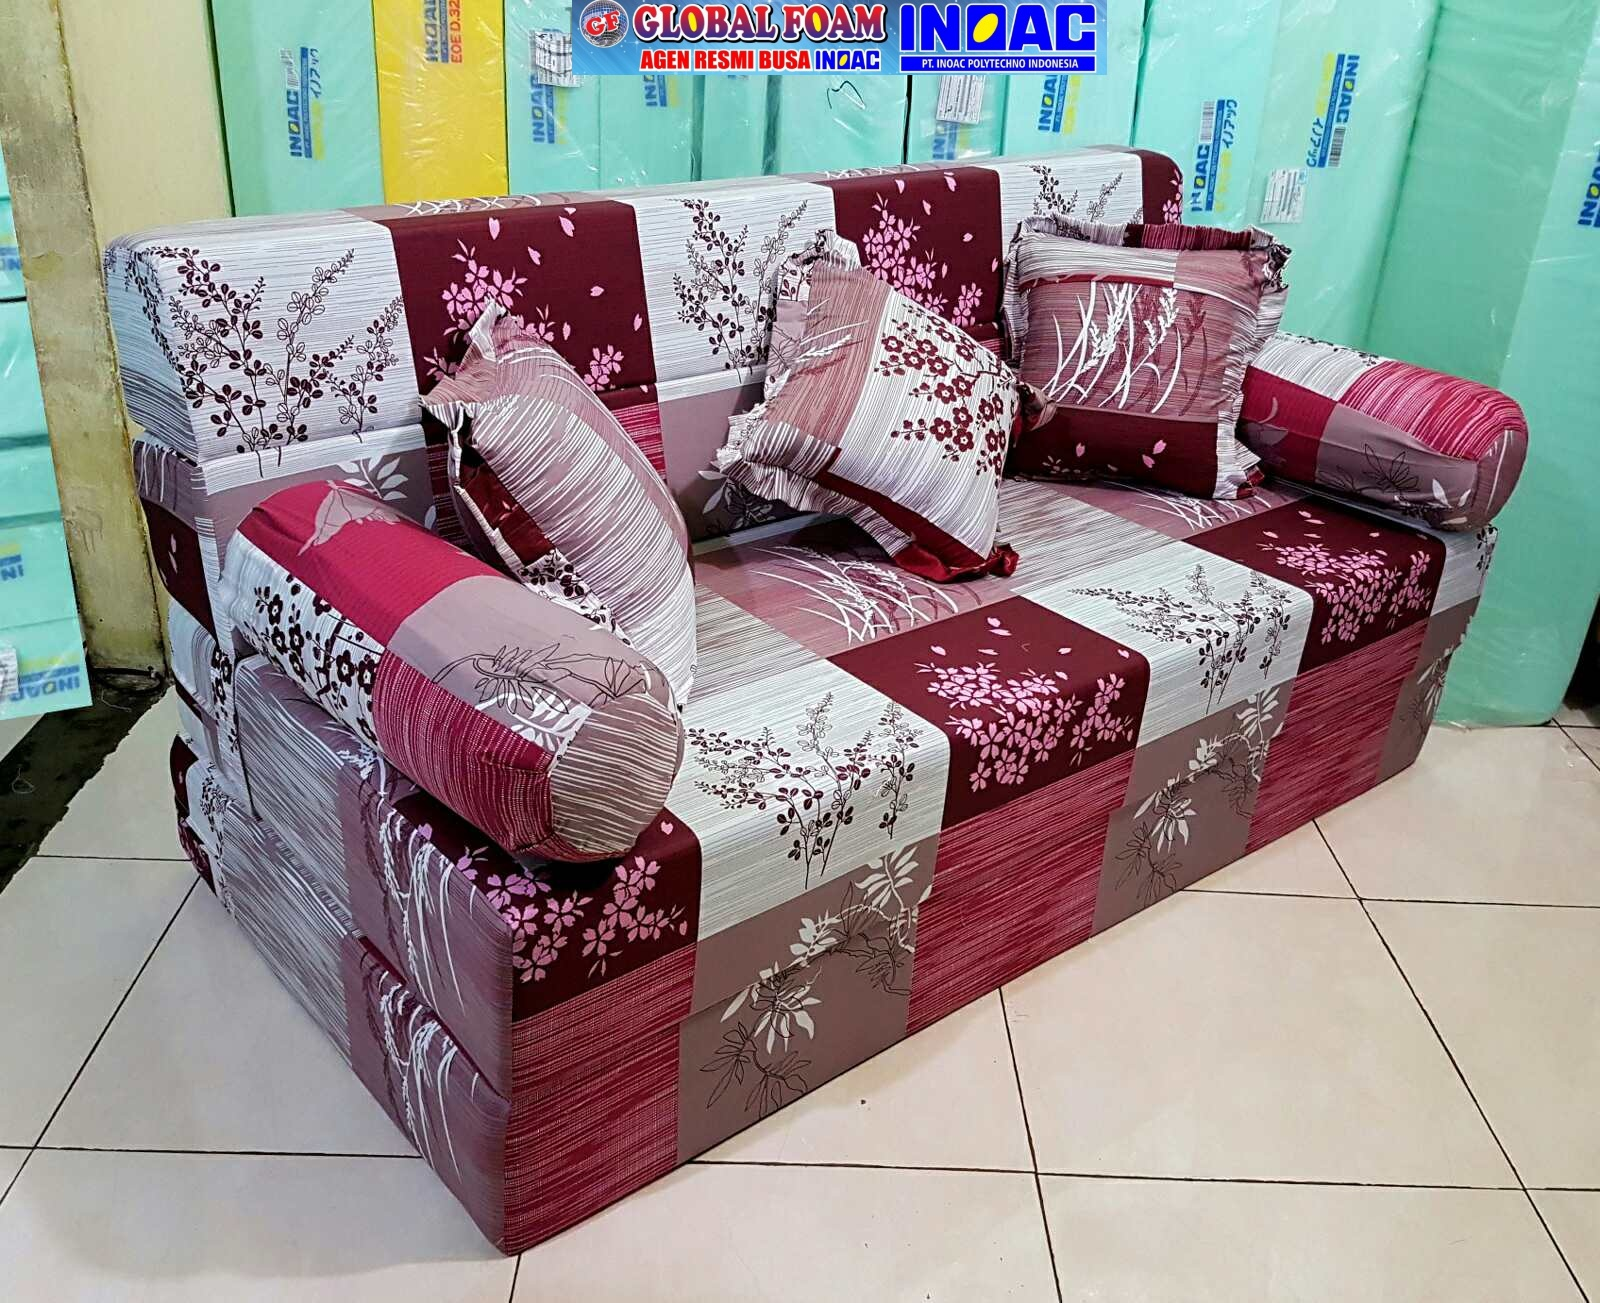 Harga Sofa Bed Inoac 2019 Distributor Dan Agen Resmi Kasur